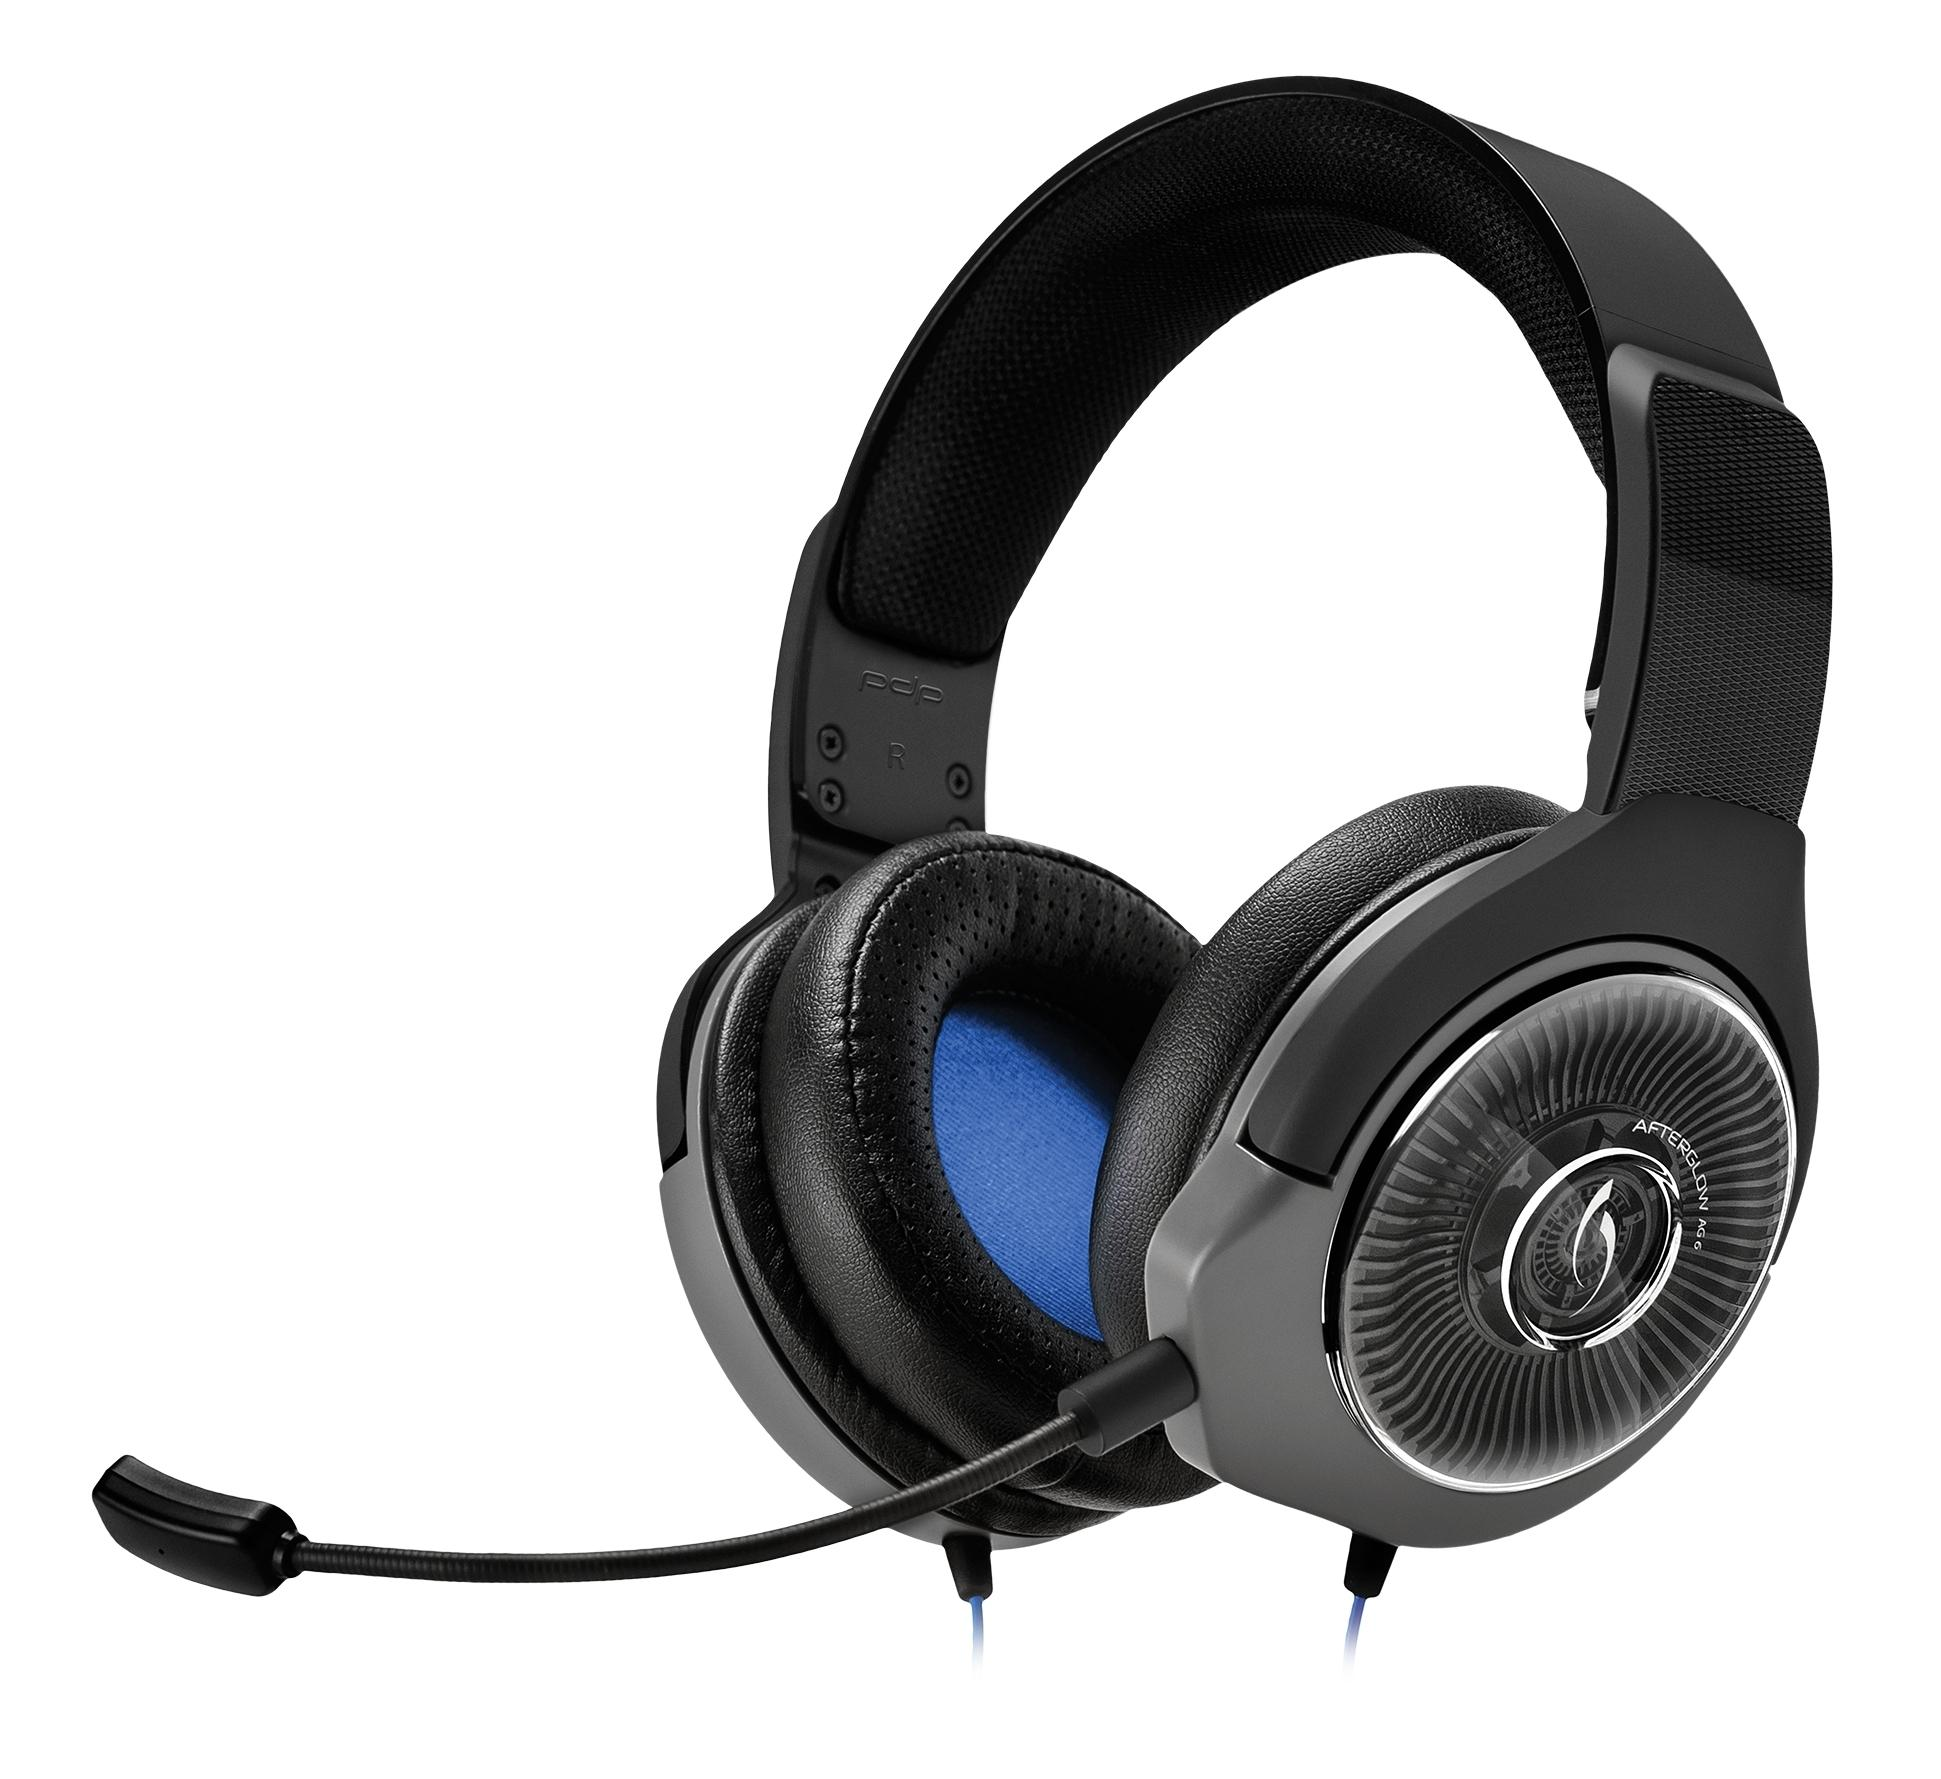 Afbeeldingsresultaat voor Afterglow AG6 headset